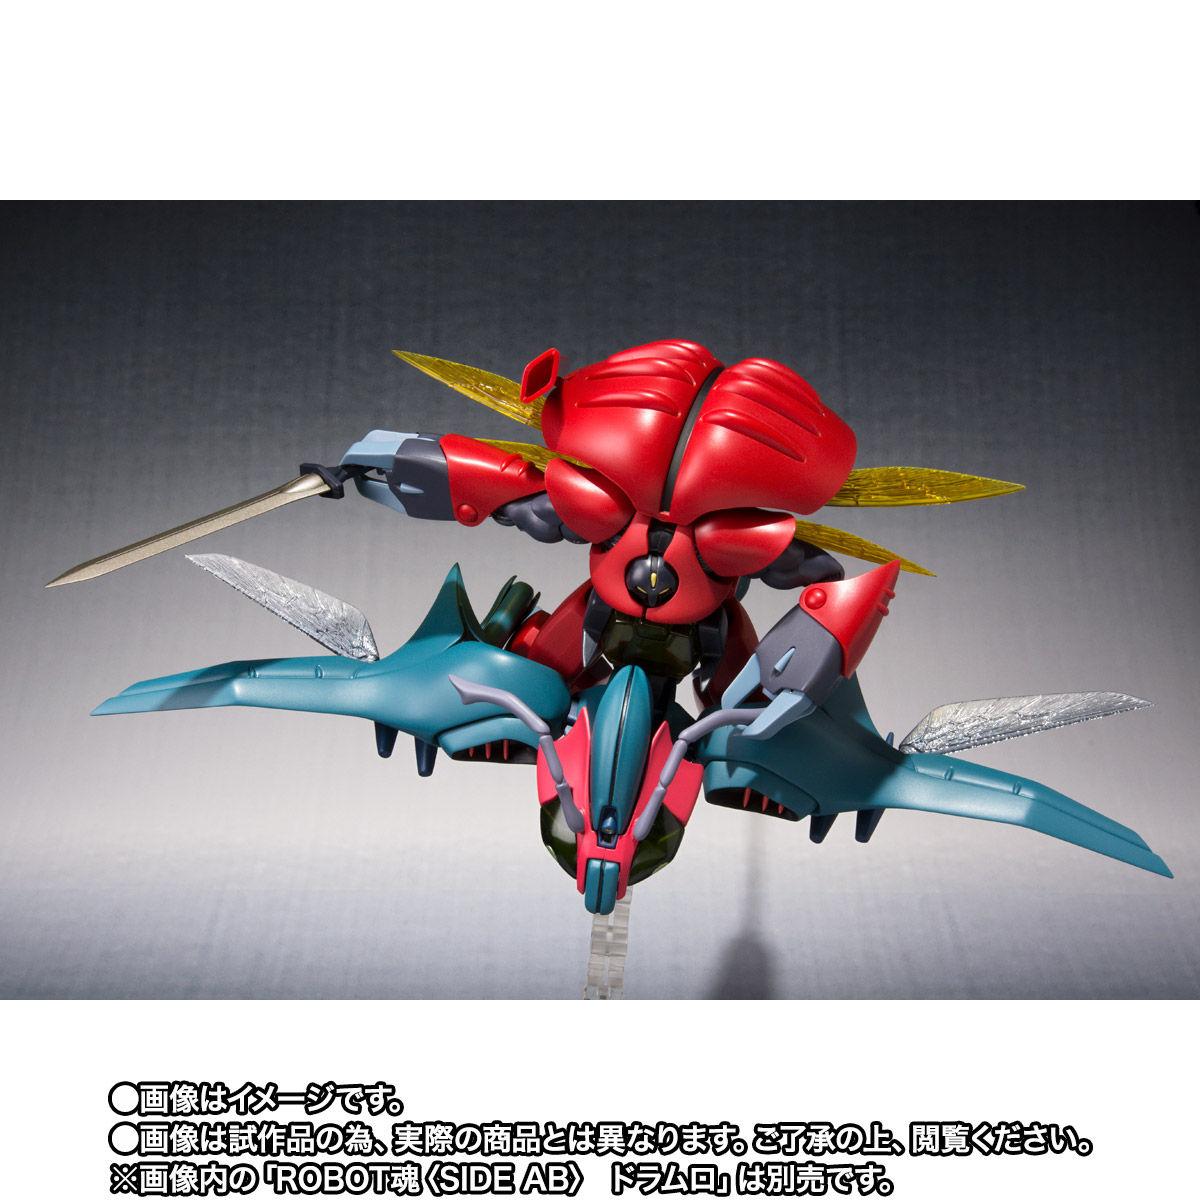 【限定販売】ROBOT魂〈SIDE AB〉『バラウ』可動フィギュア-009